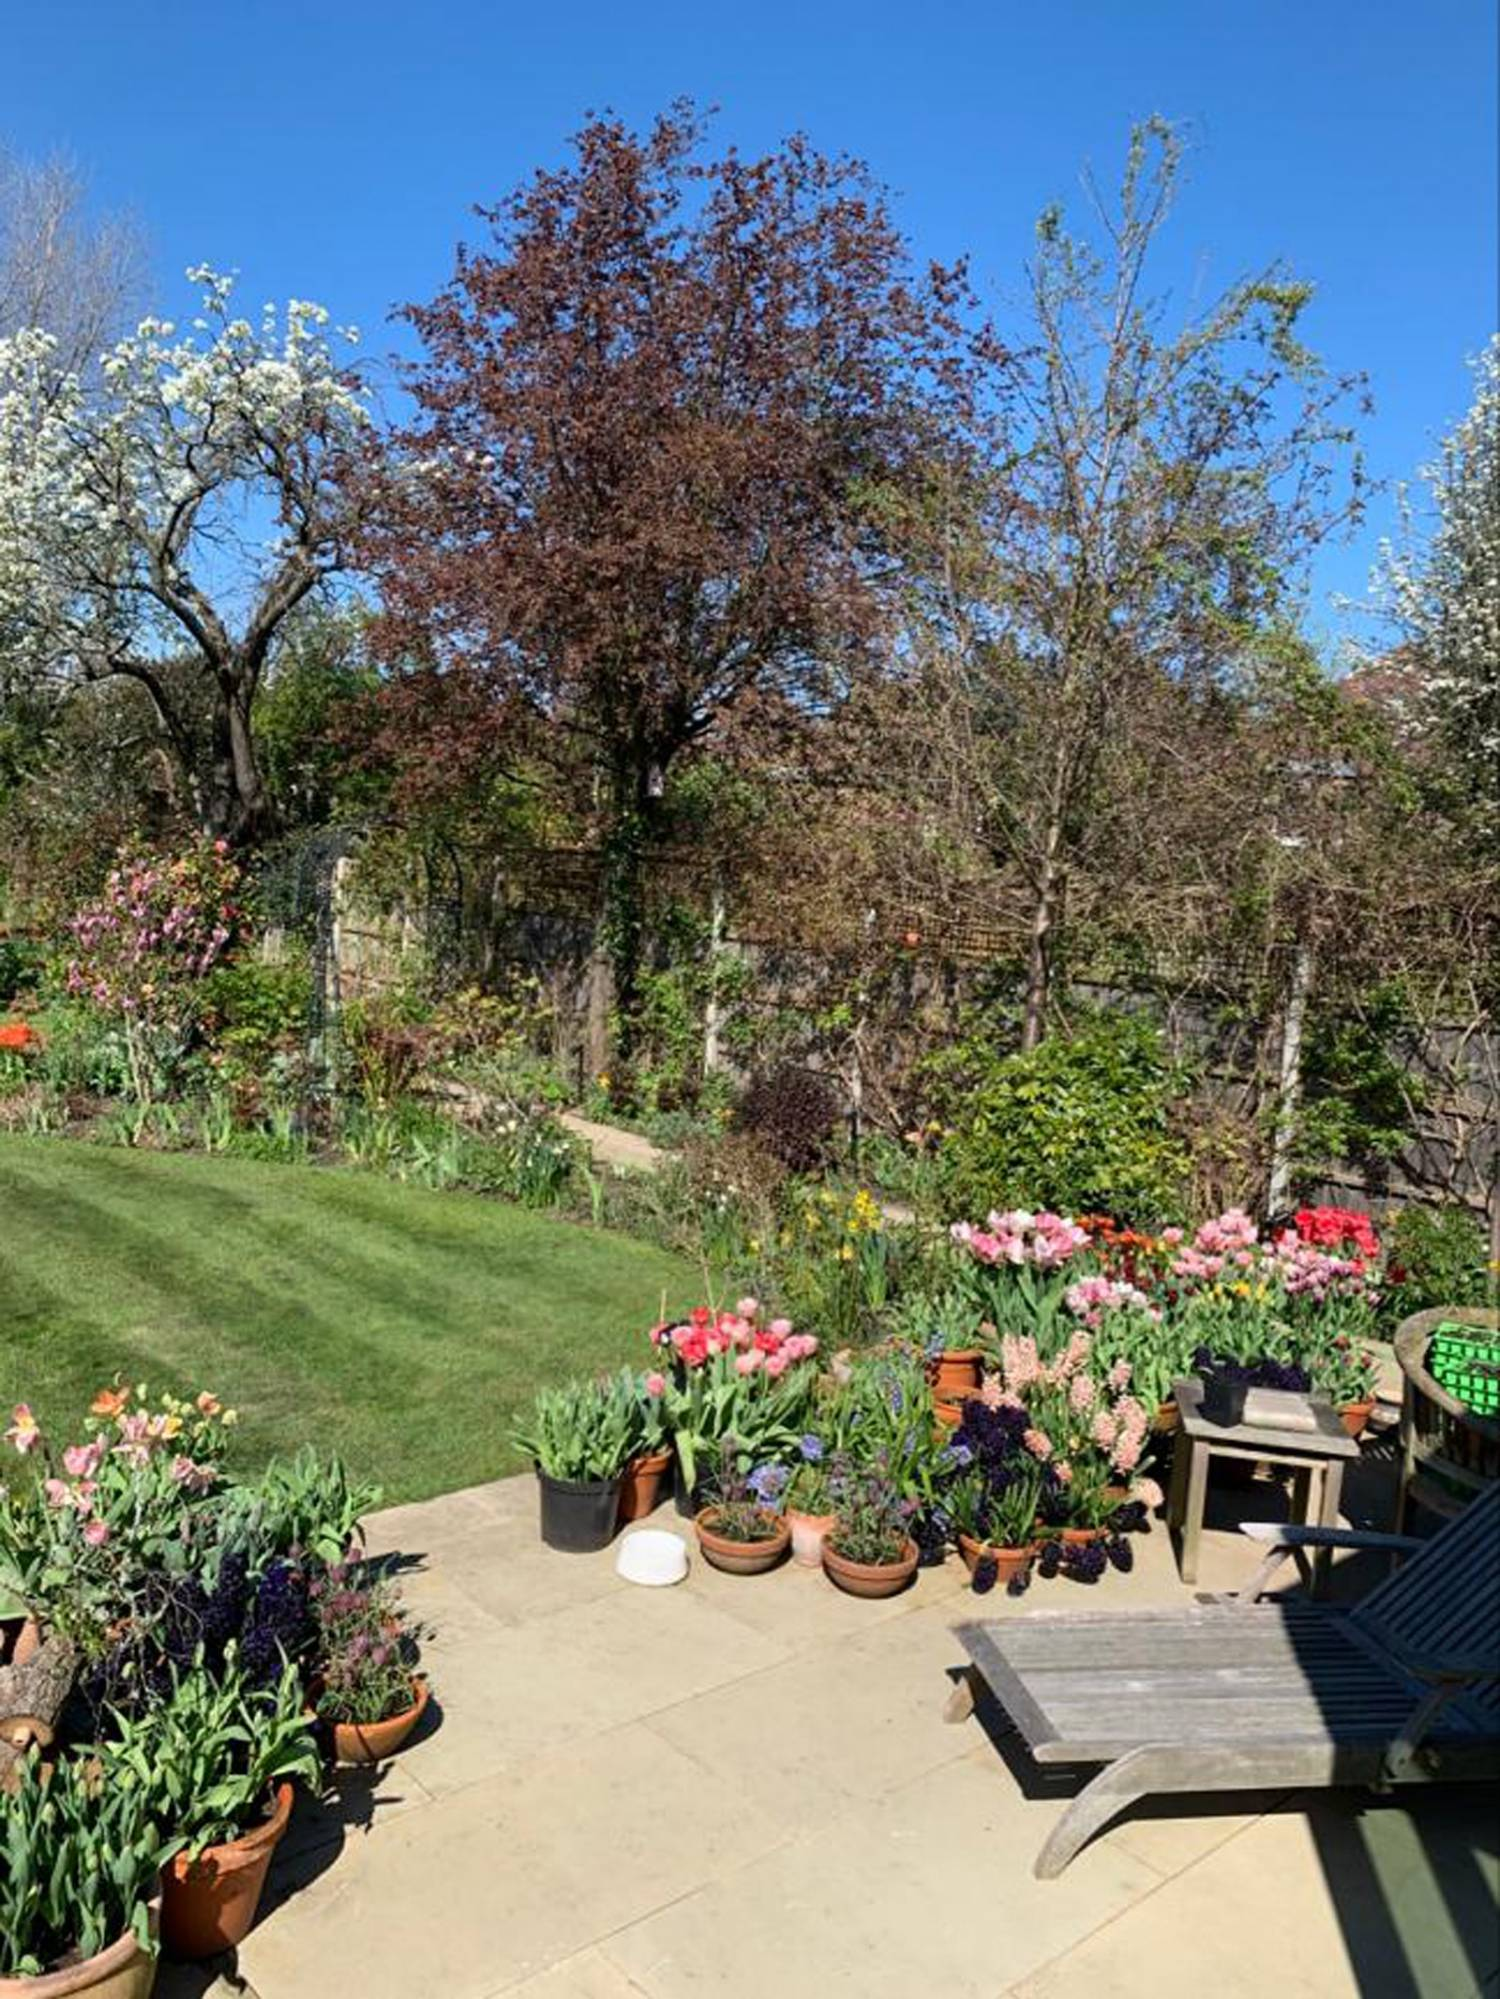 flores de jardin imagenes: Un jardinero inglés pasando la cuarentena 48